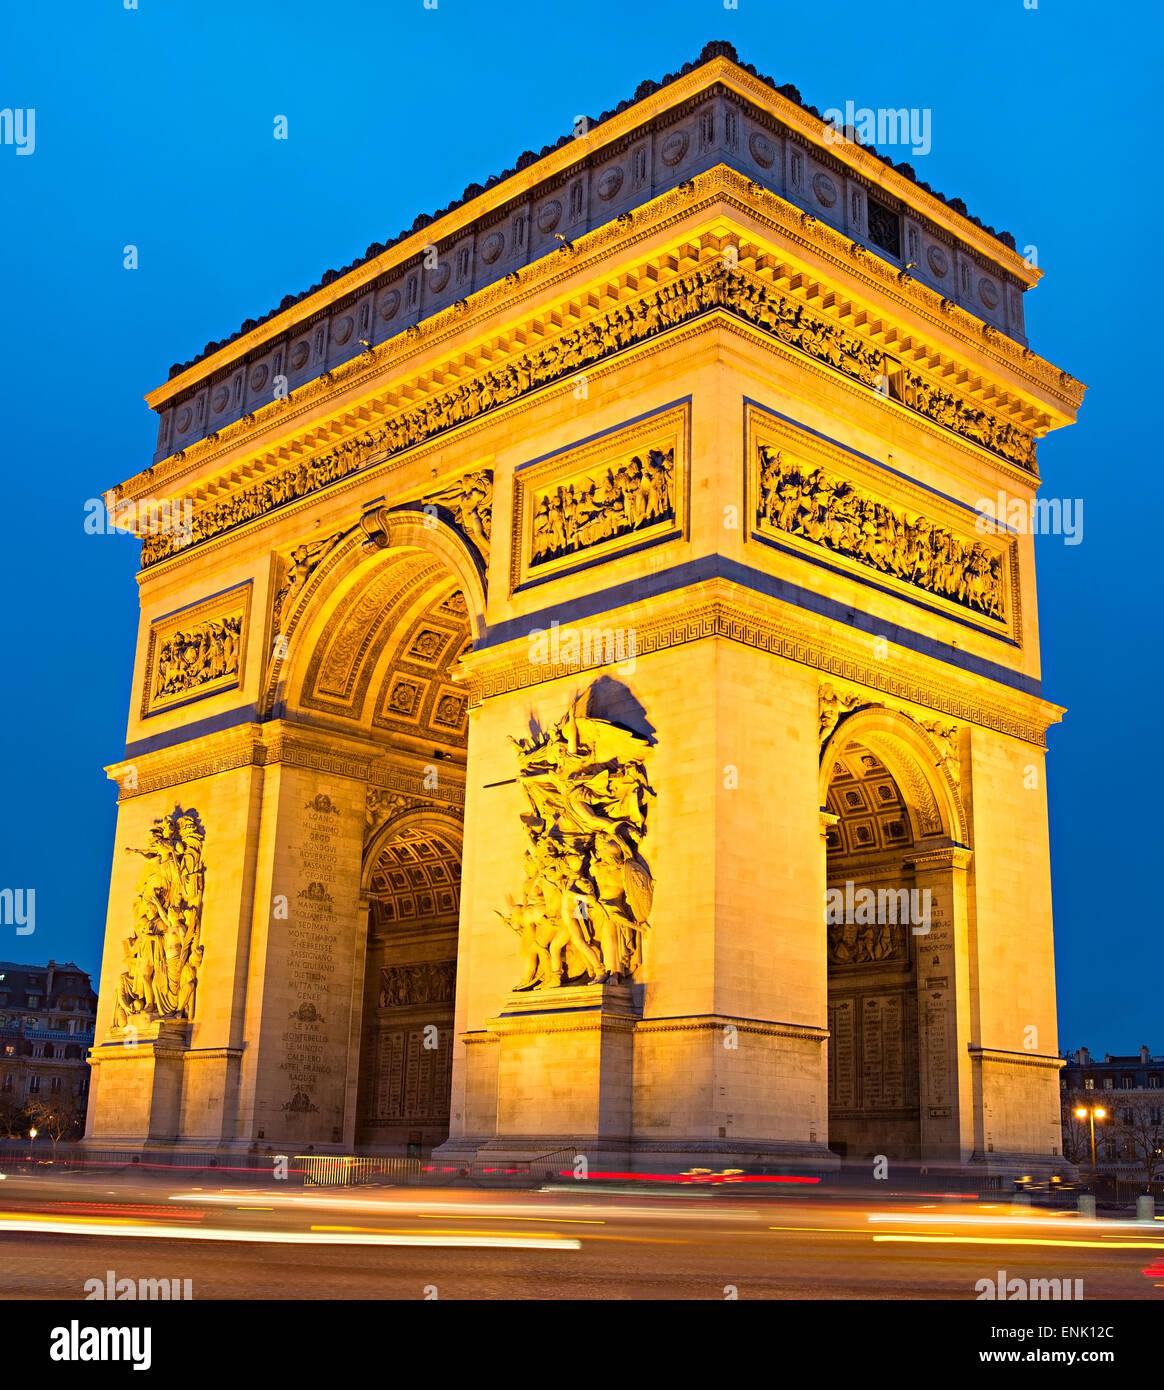 El arco triunfal en la plaza Charles de Gaulle en París, Francia. Imagen De Stock